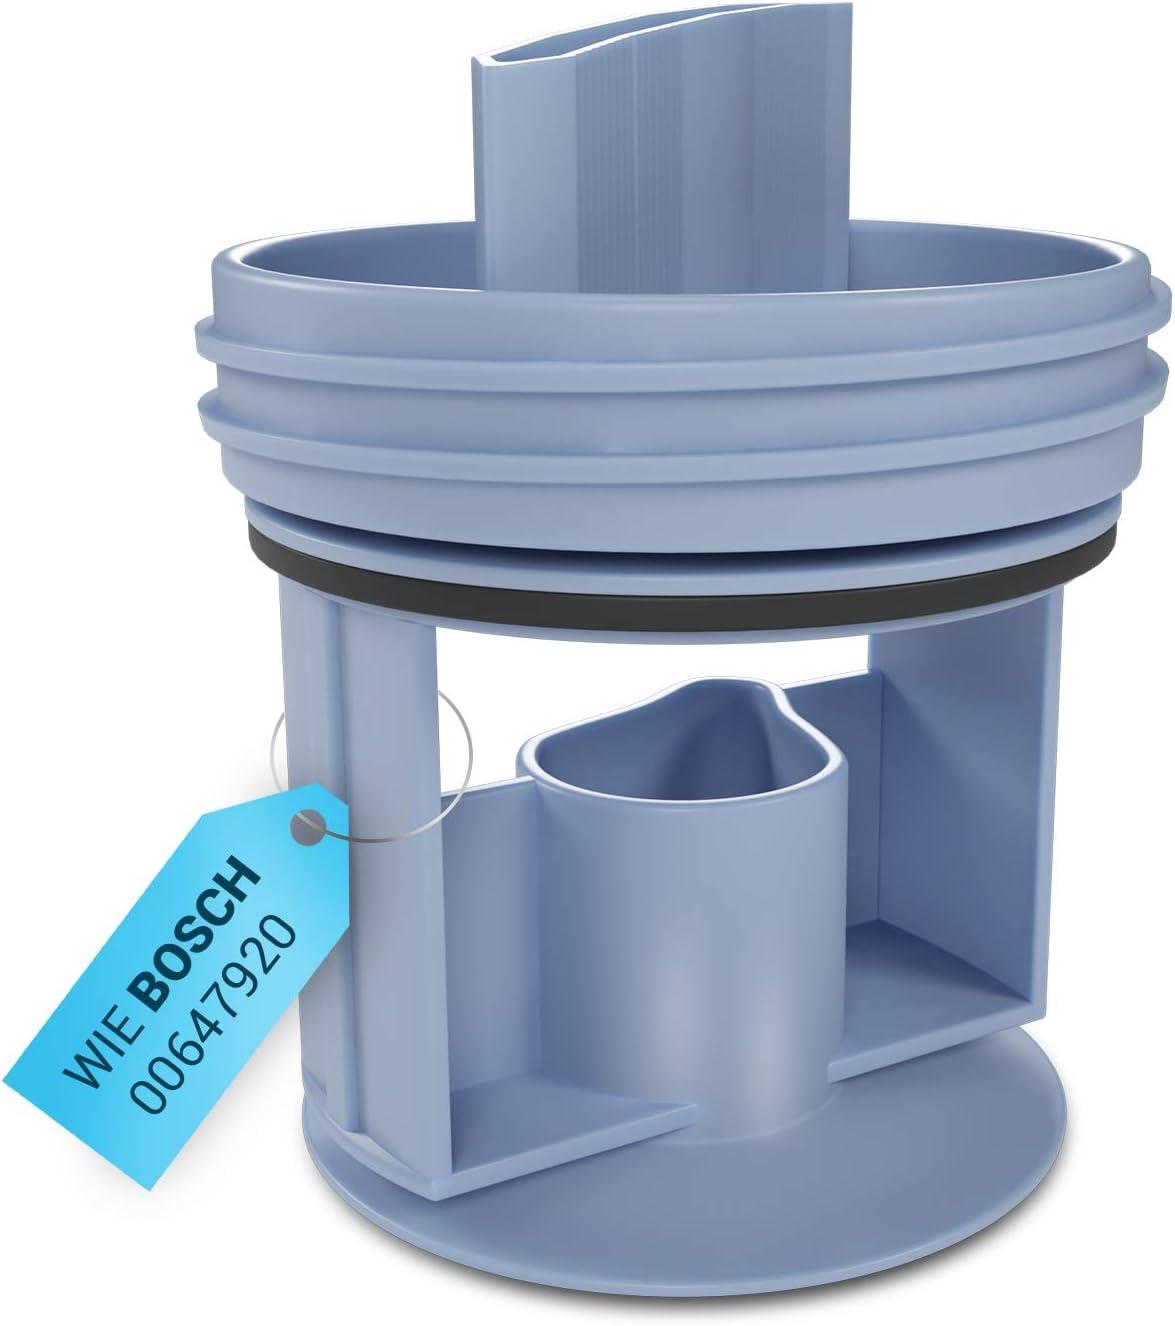 Filtro antipelusas de repuesto para Bosch 00647920 accesorio de lavadora, accesorio para secadora Bomba de desagüe lavadora